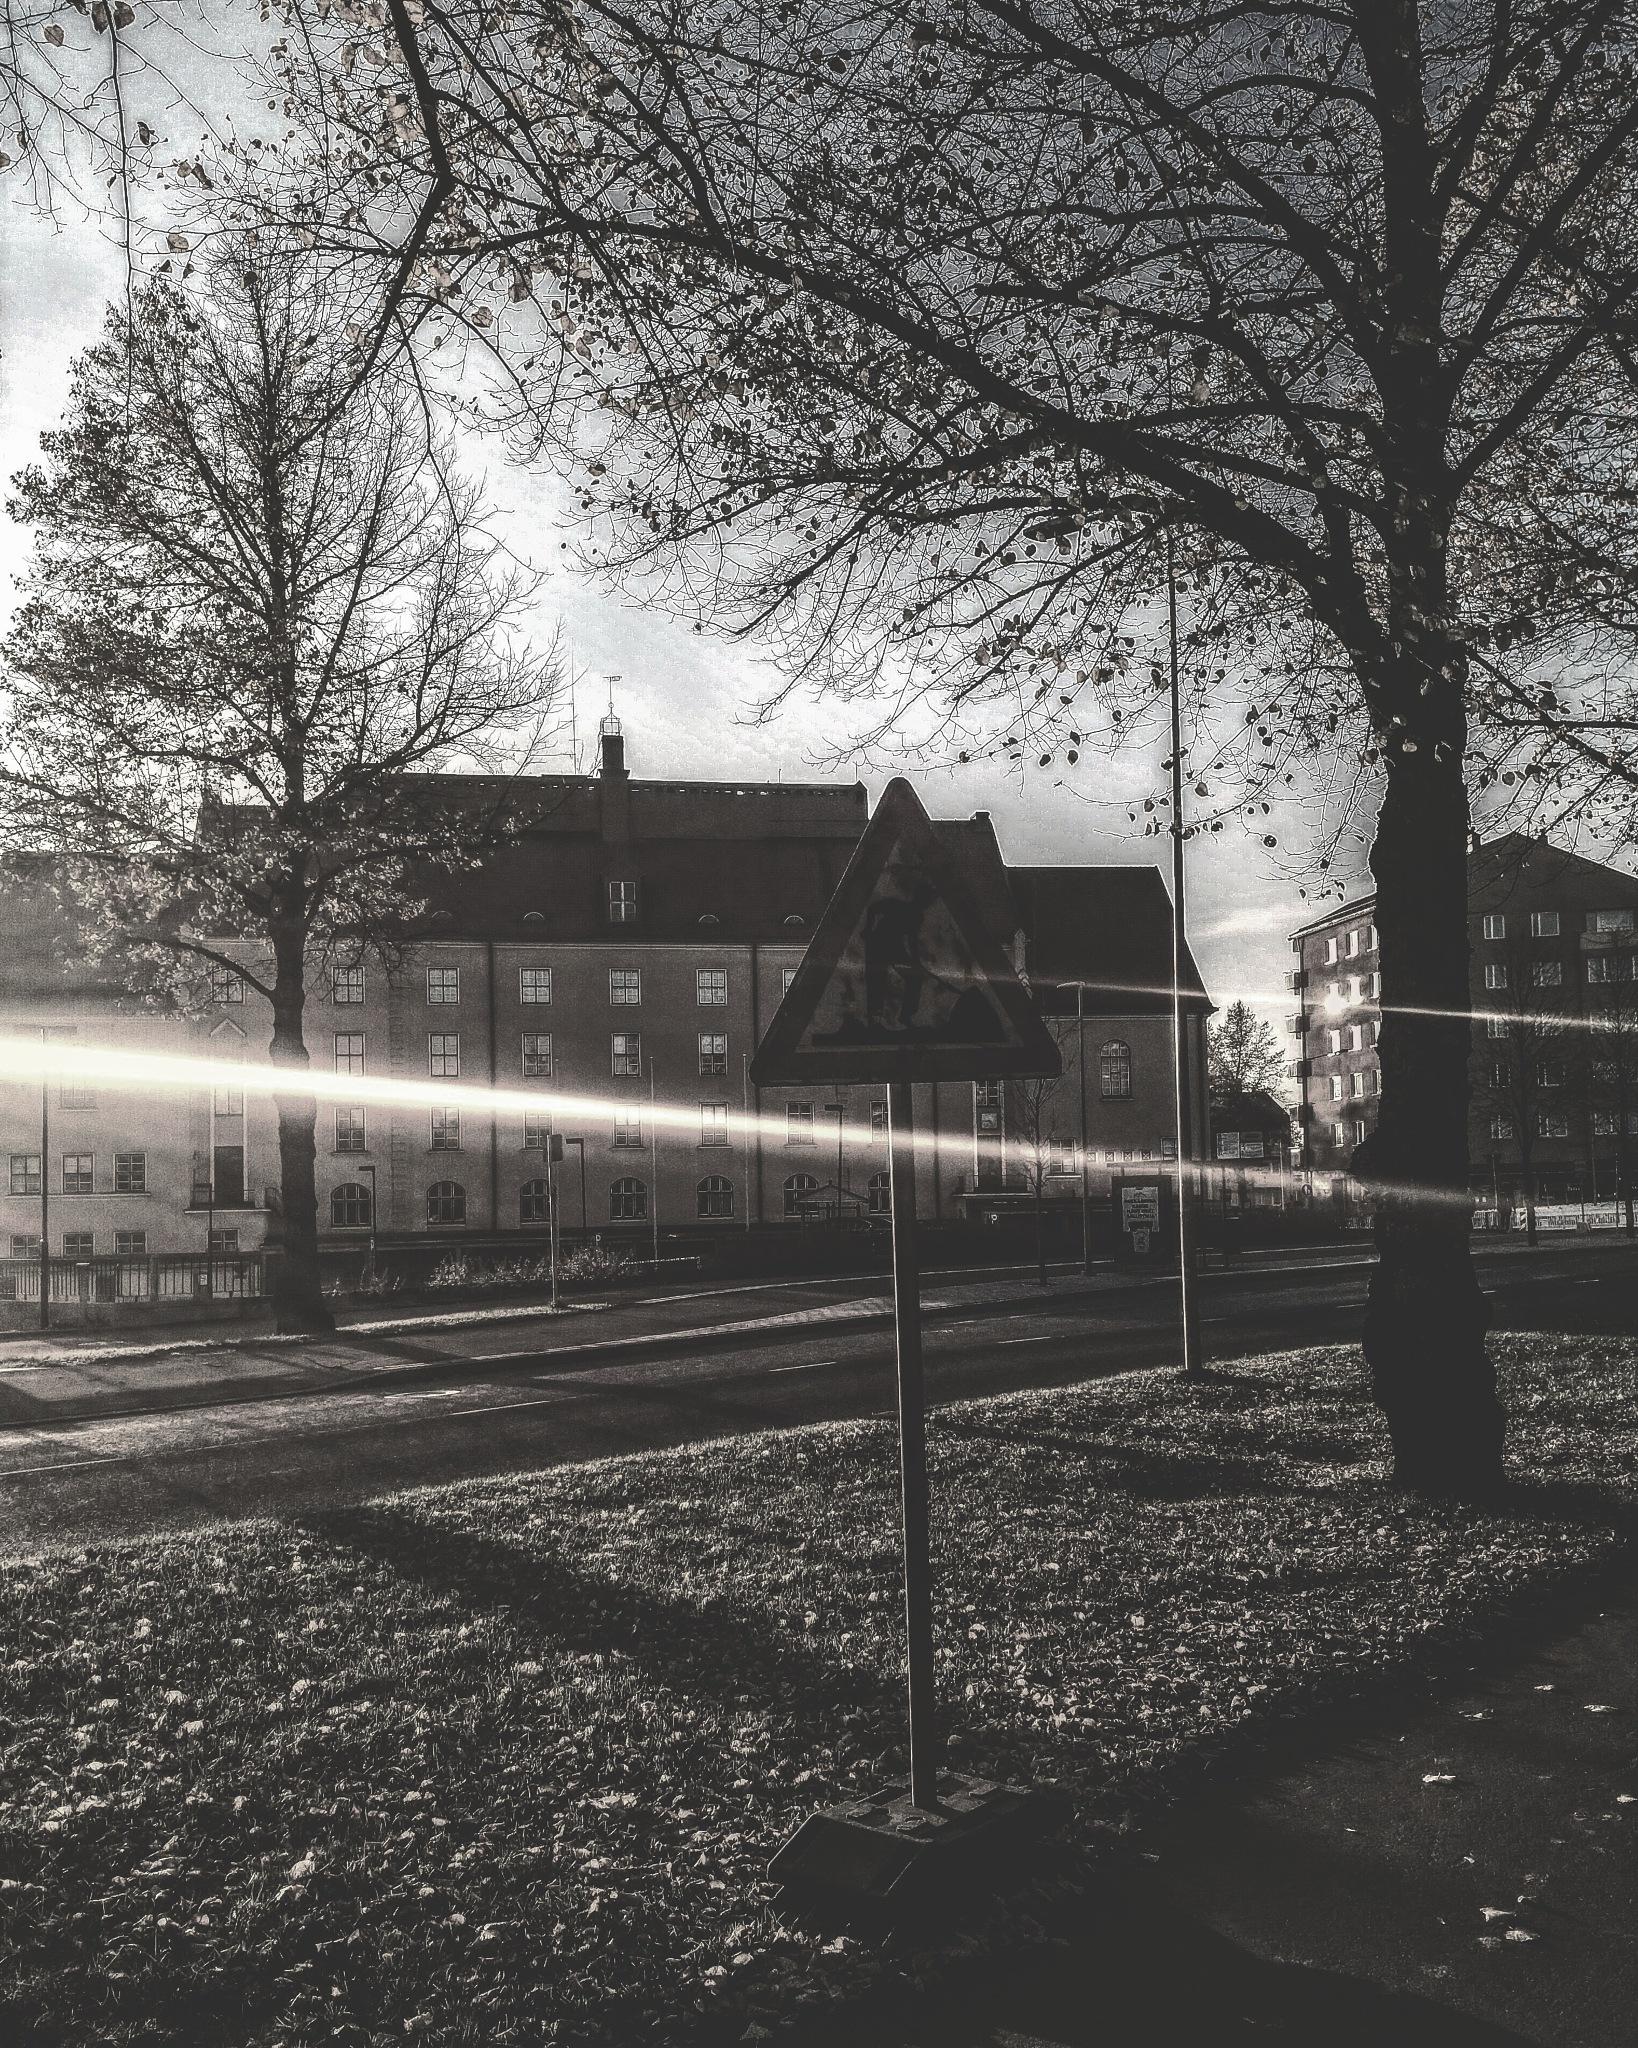 Untitled by Janne Karvonen